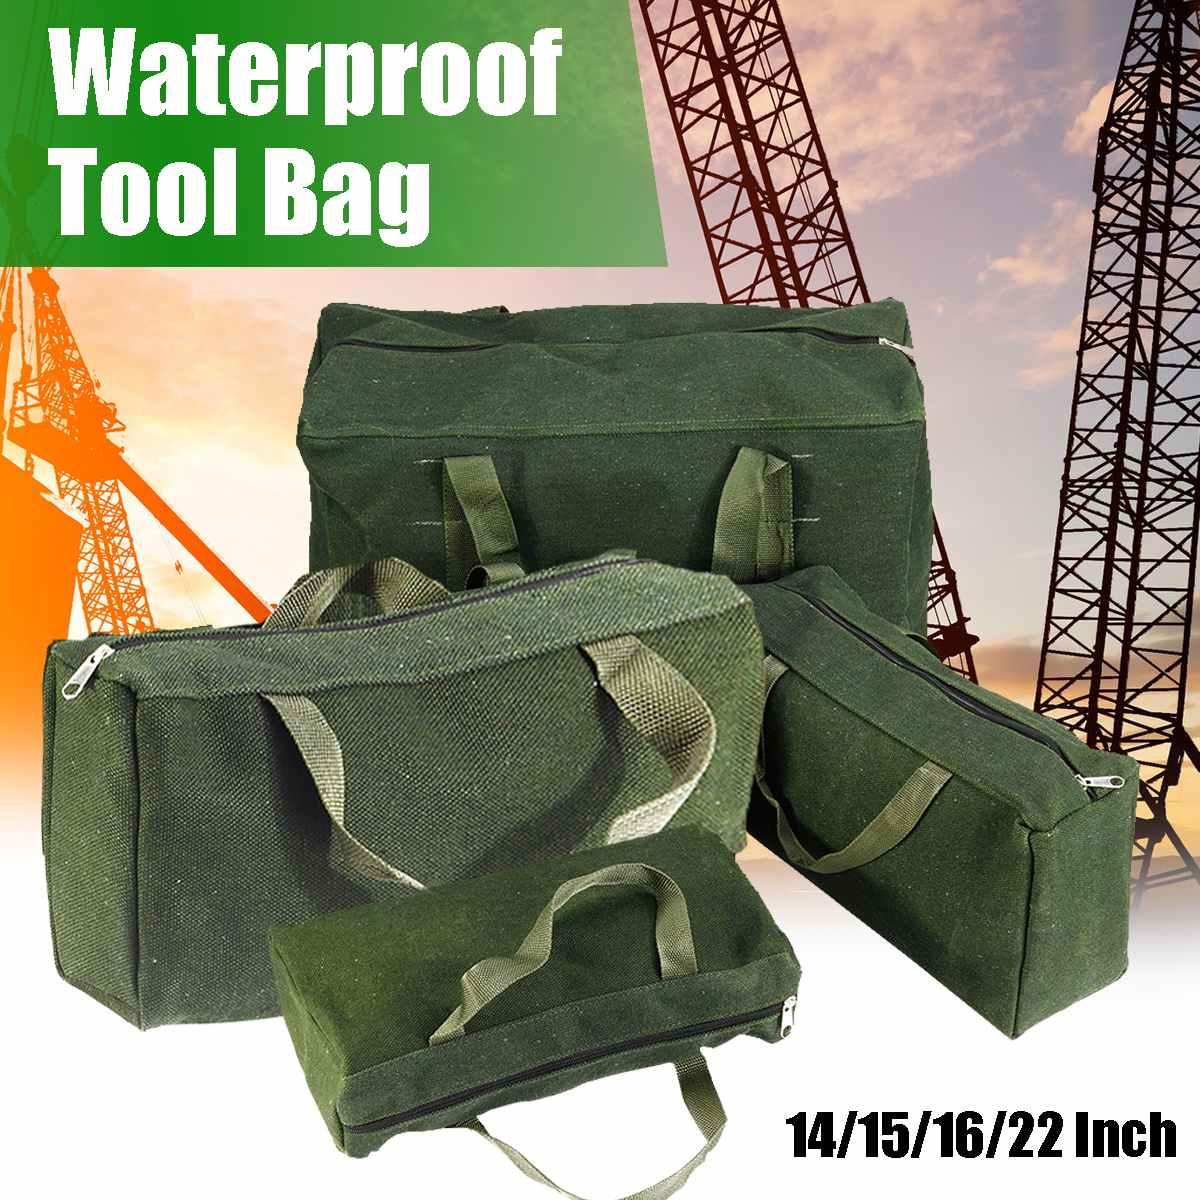 Sac à outils de grande capacité 14/15/16/22 pouces, sac à outils en toile Durable, étanche, vis en métal, pince de forage, étui de rangement de la clé